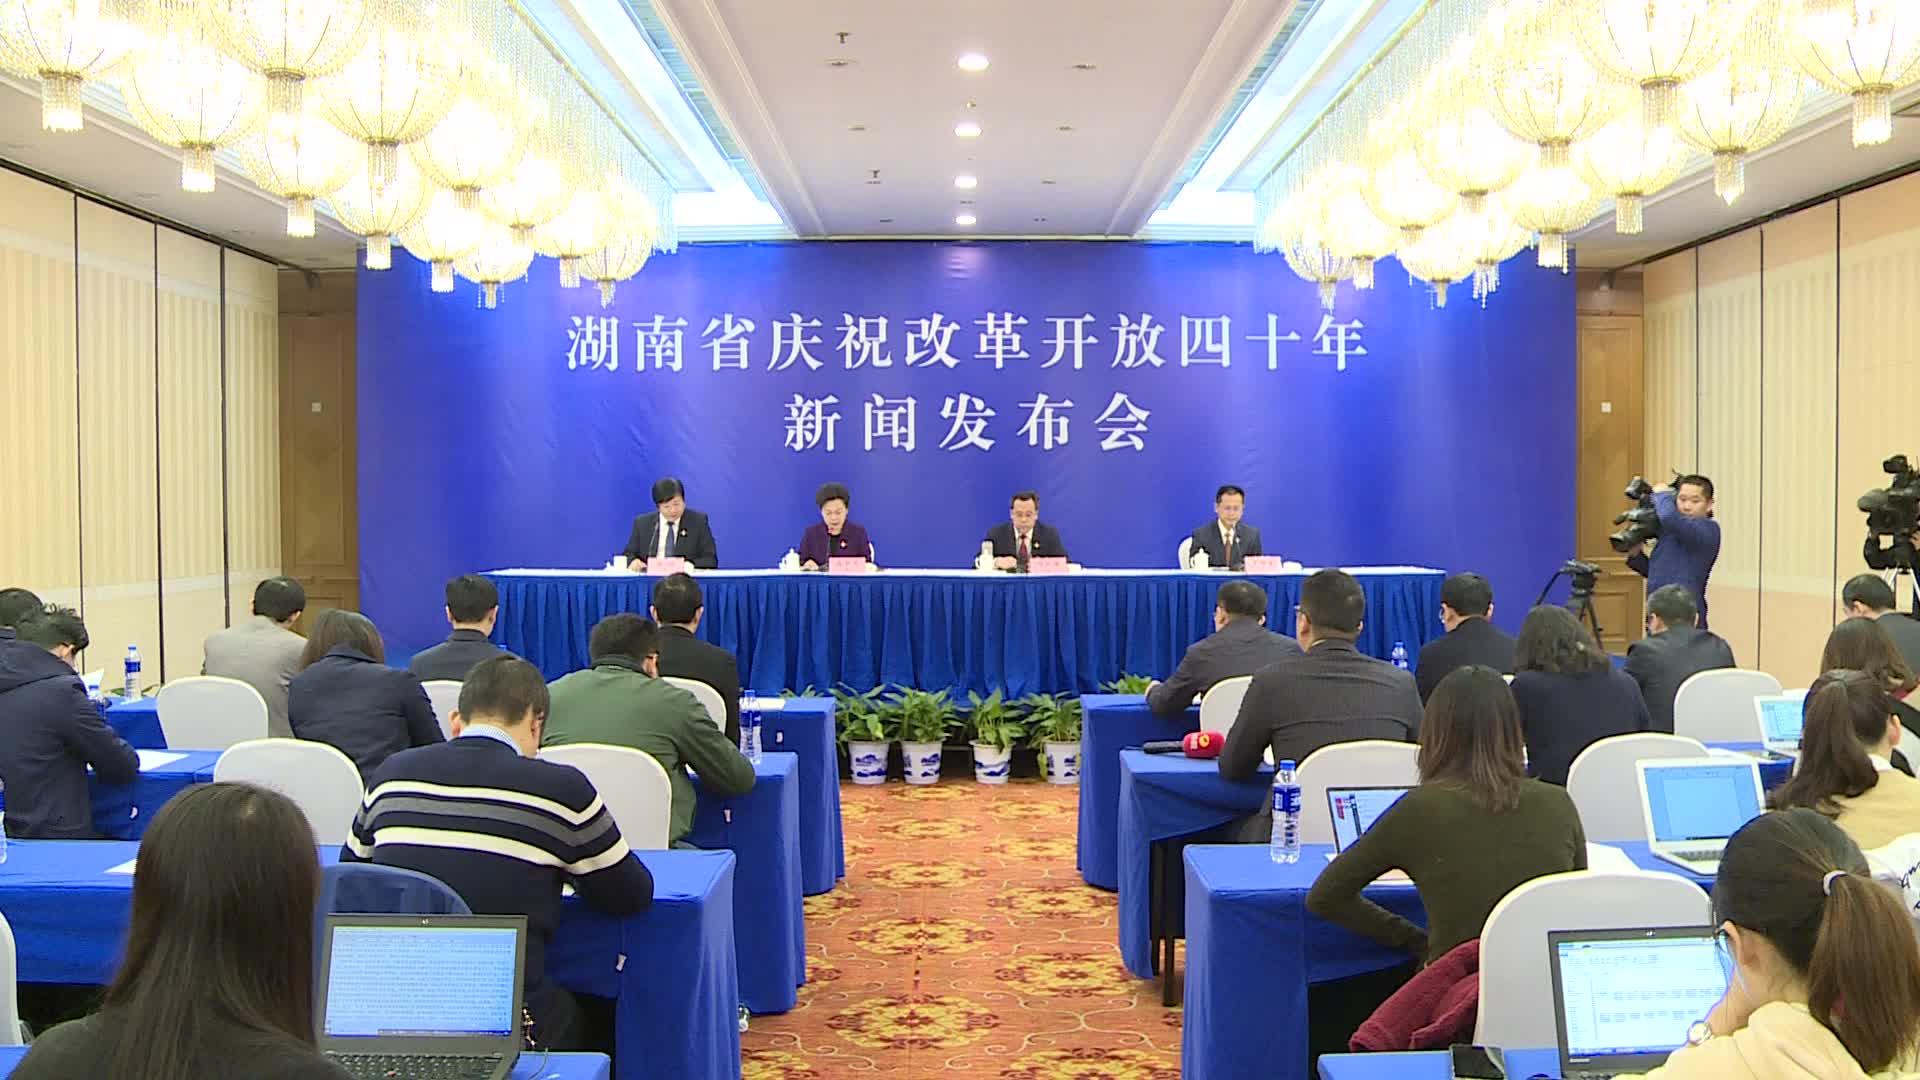 改革开放40年:截至2017年底 湖南省党员人数达392.5万